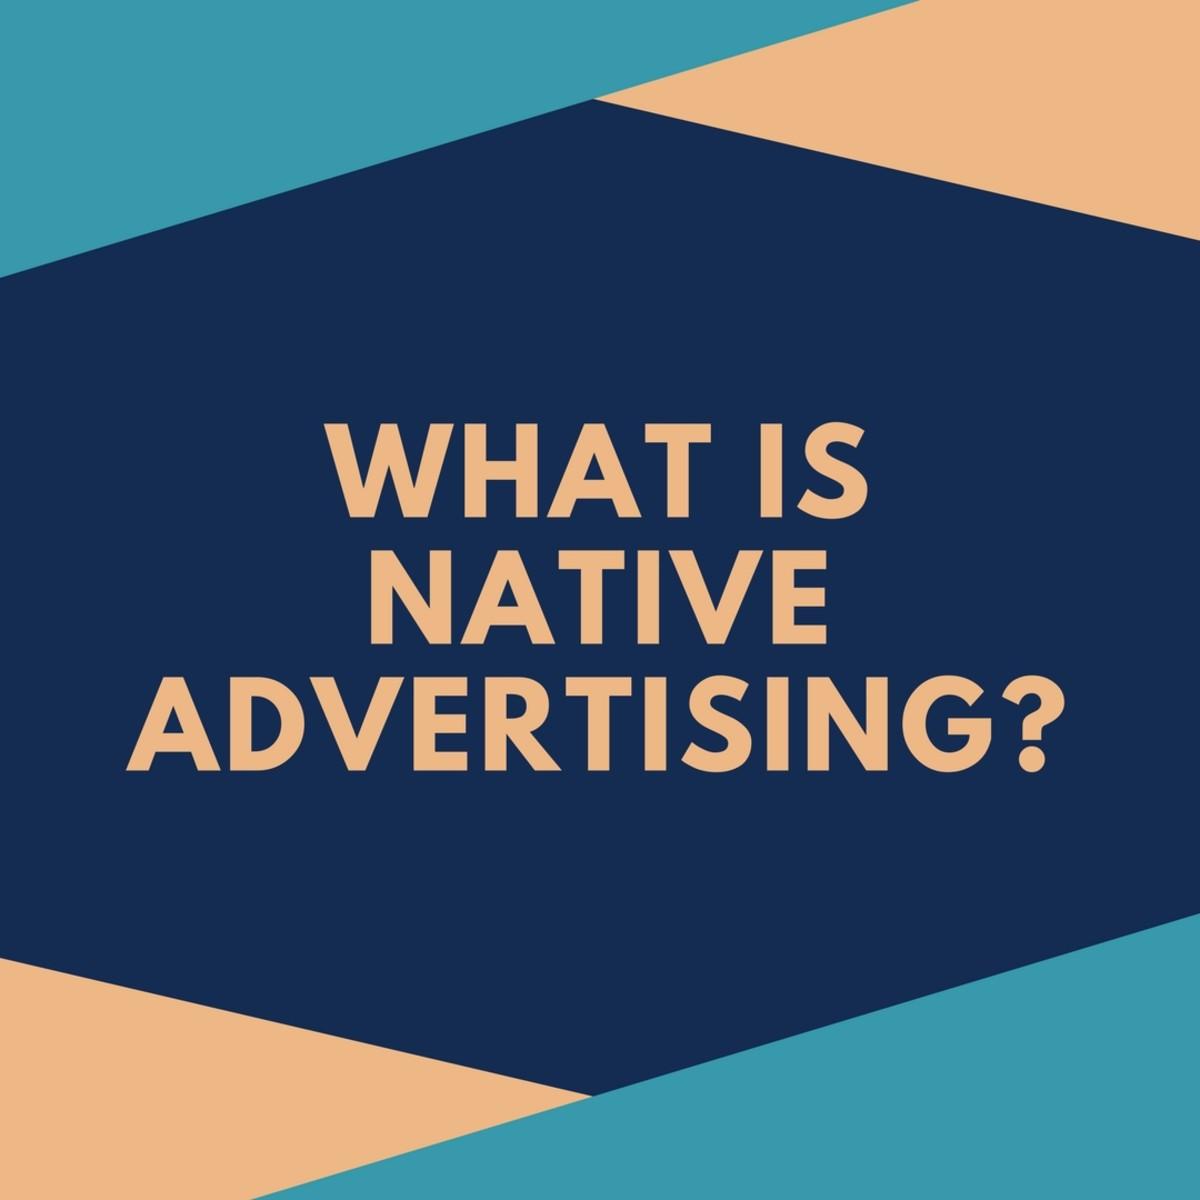 什么是本机制广告